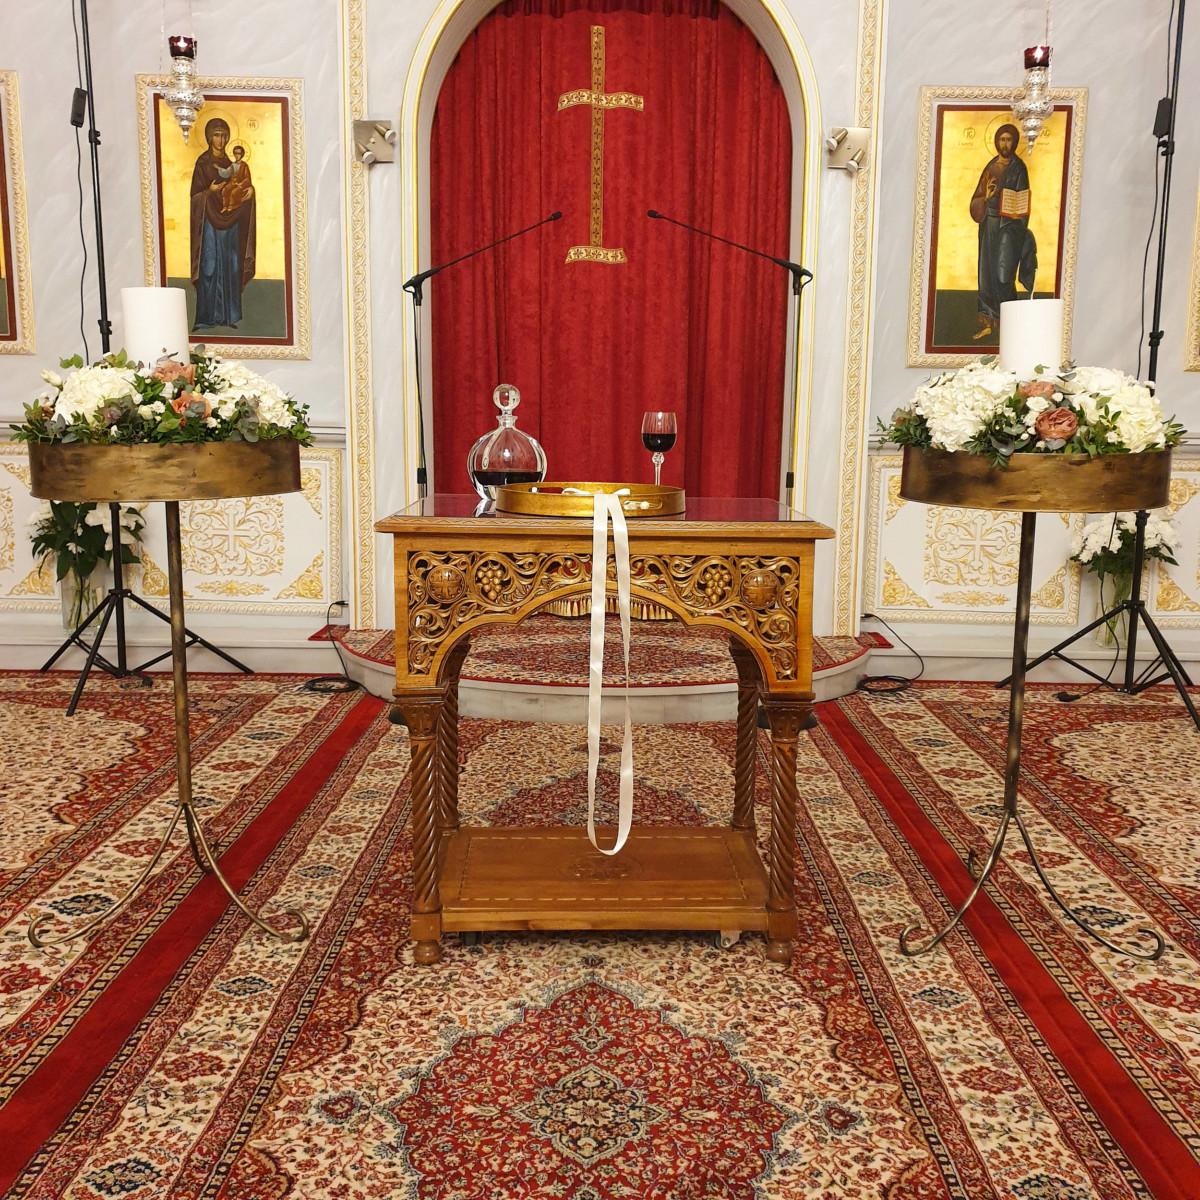 Wedding Candles Gold Pedestals Flower Arrangements Orthodox